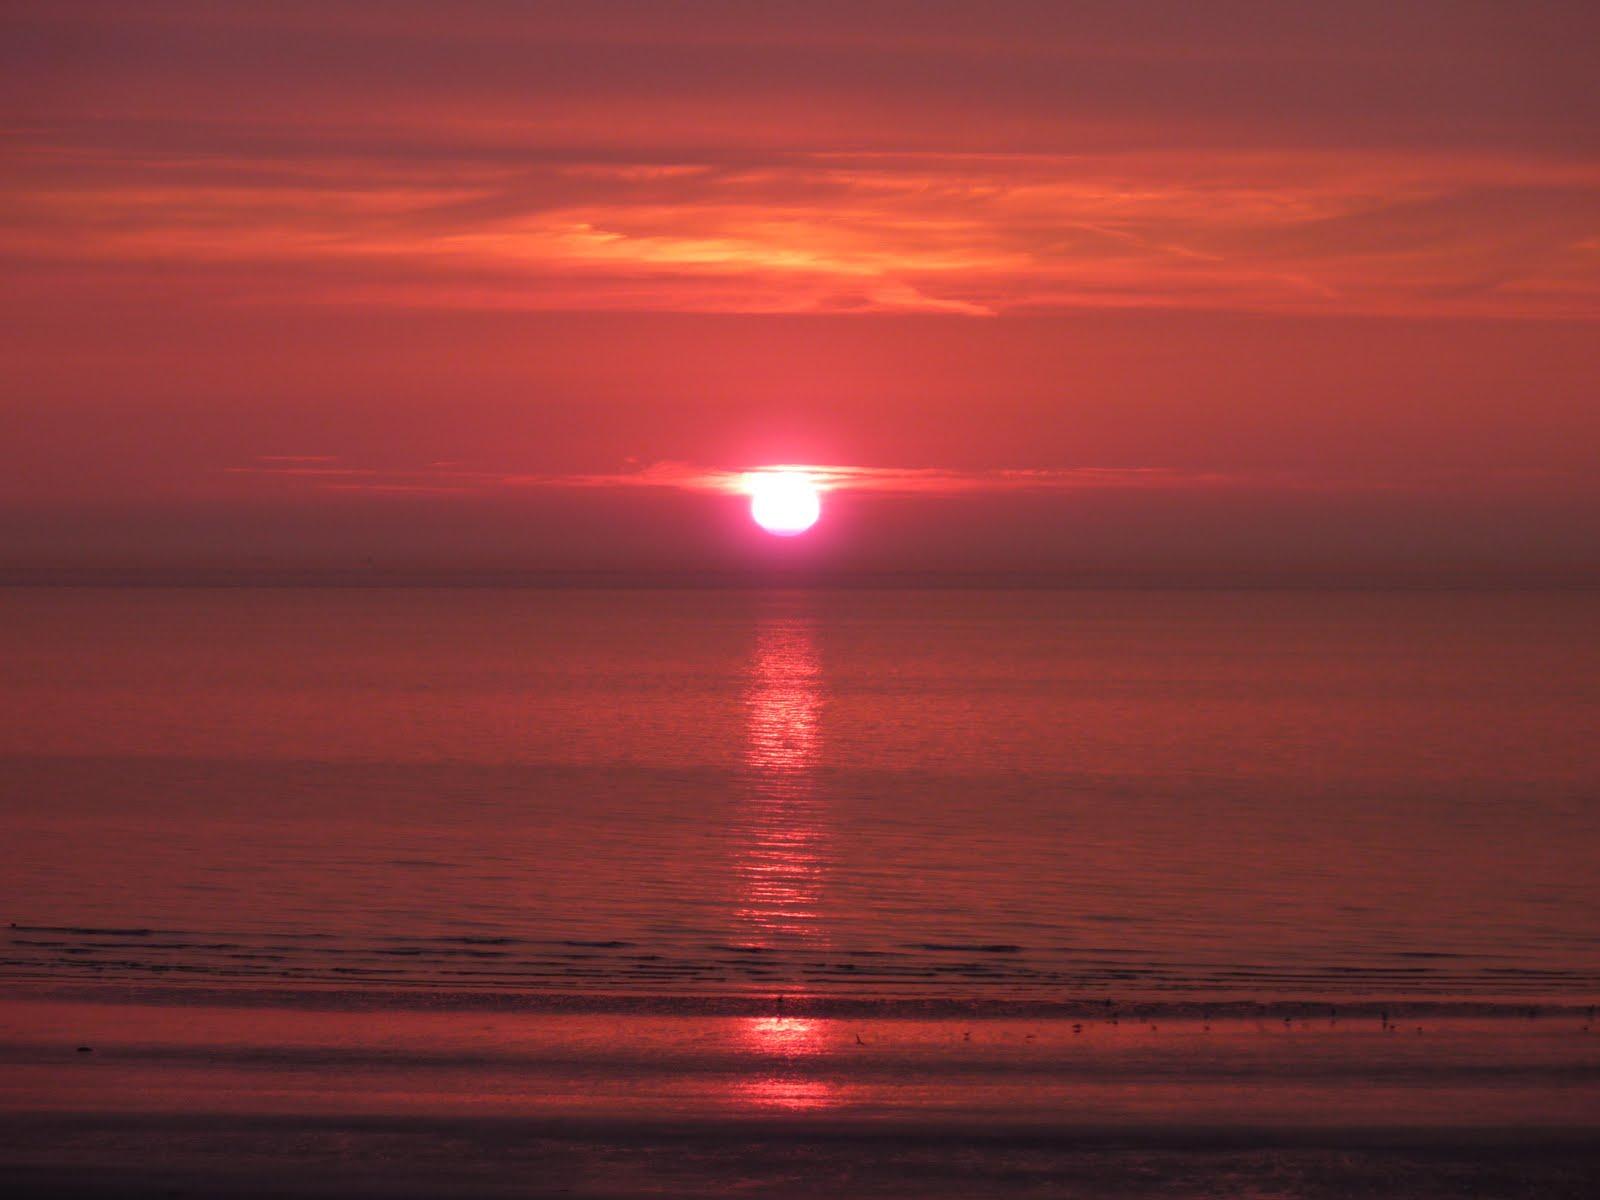 Naissance de rose le coucher de soleil la mer du nord - Coucher de soleil rose ...